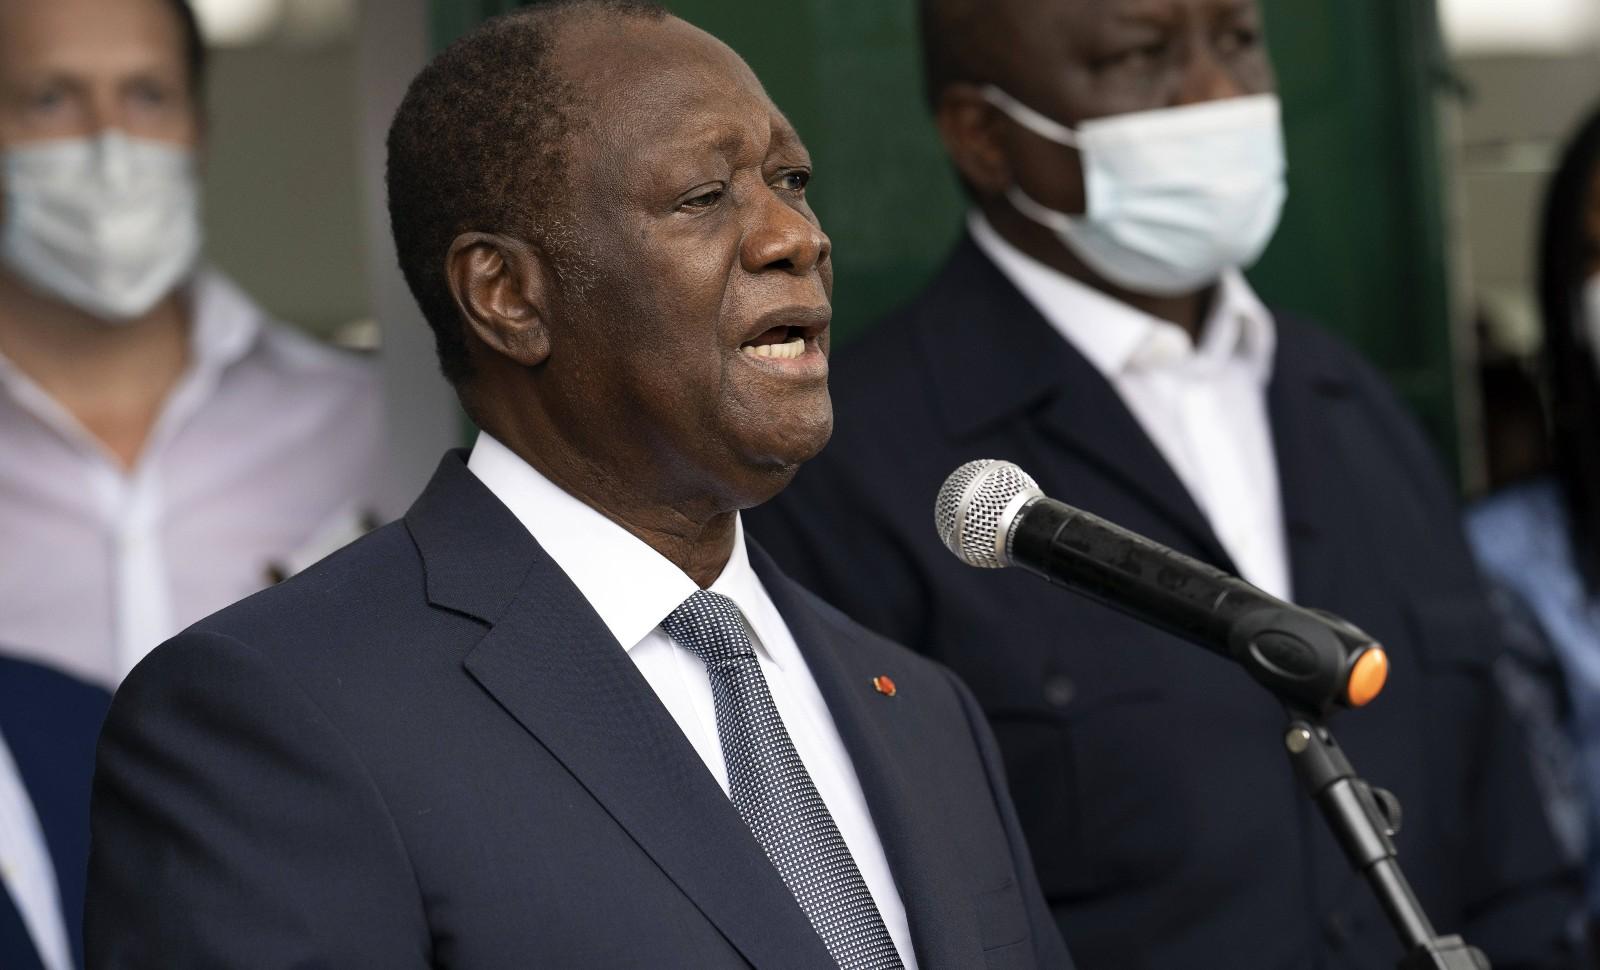 Le président ivoirien Alassane Ouattara s'exprime devant les journalistes après avoir voté le jour de l'élection présidentielle, le 31 octobre 2020. © Leo Correa/AP/SIPA  Numéro de reportage : AP22508632_000009